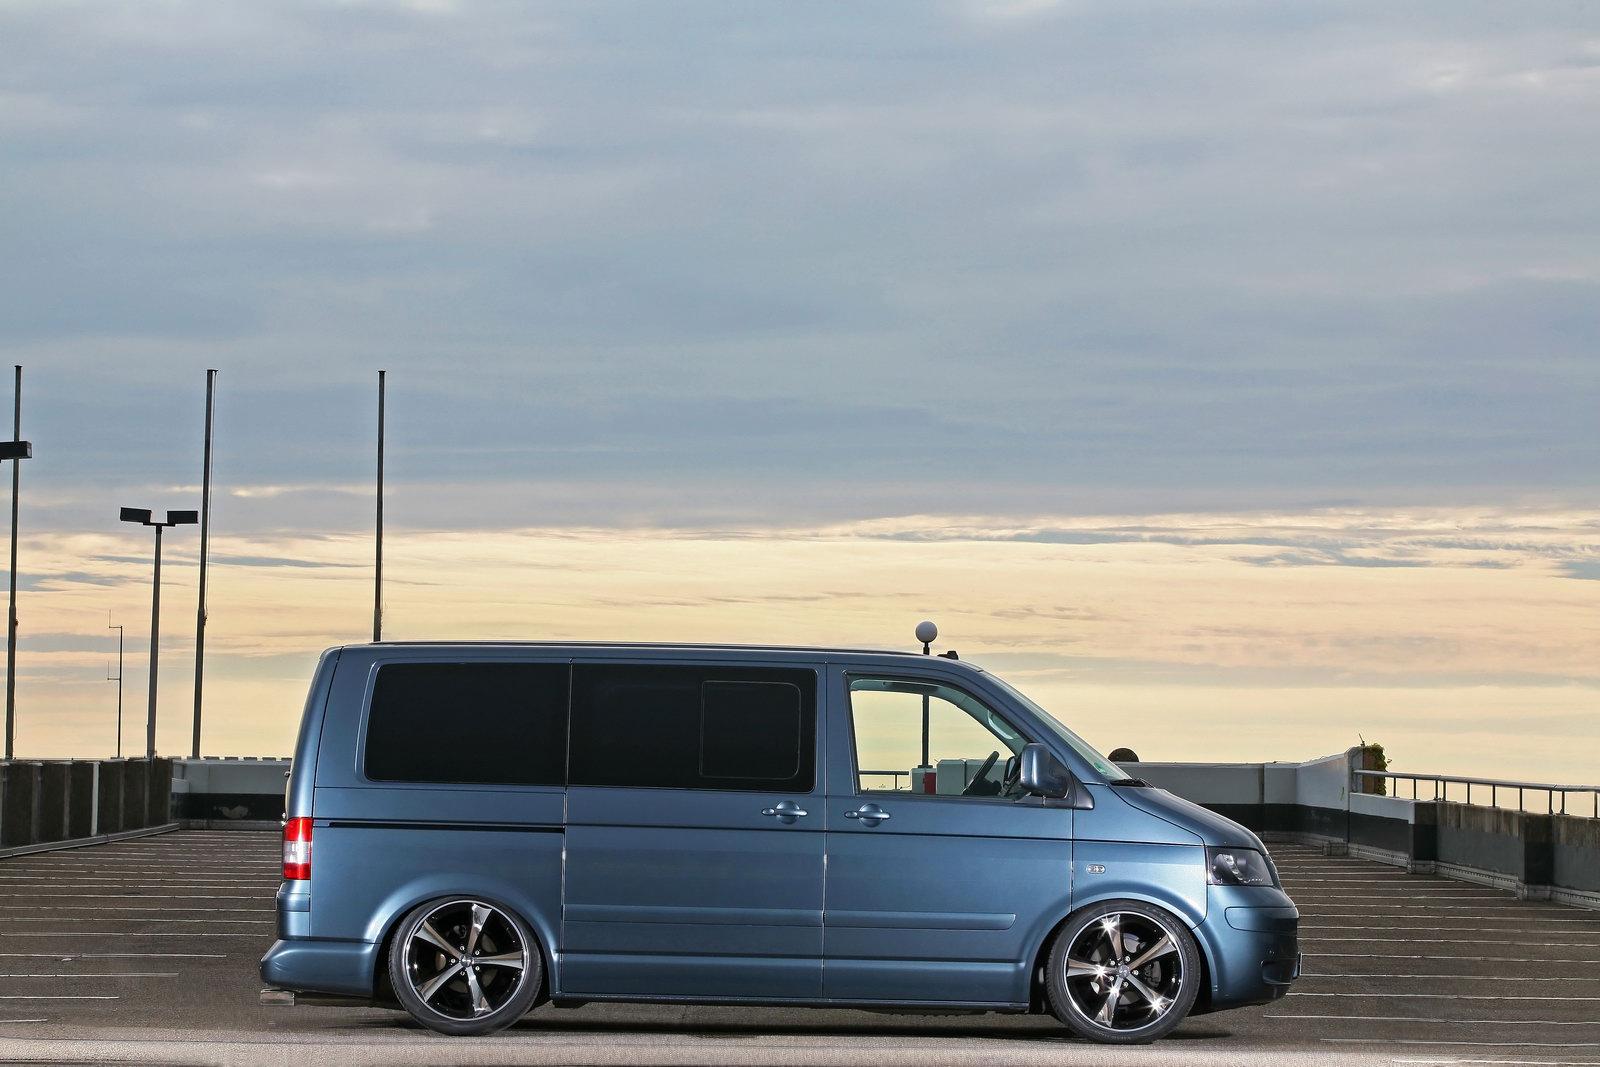 http://3.bp.blogspot.com/_D_RRrIu8FXM/THL4JNk-aYI/AAAAAAAANO4/1jLoseOOeYk/s1600/VW-Transporter-T5-17%2Bcar.jpg